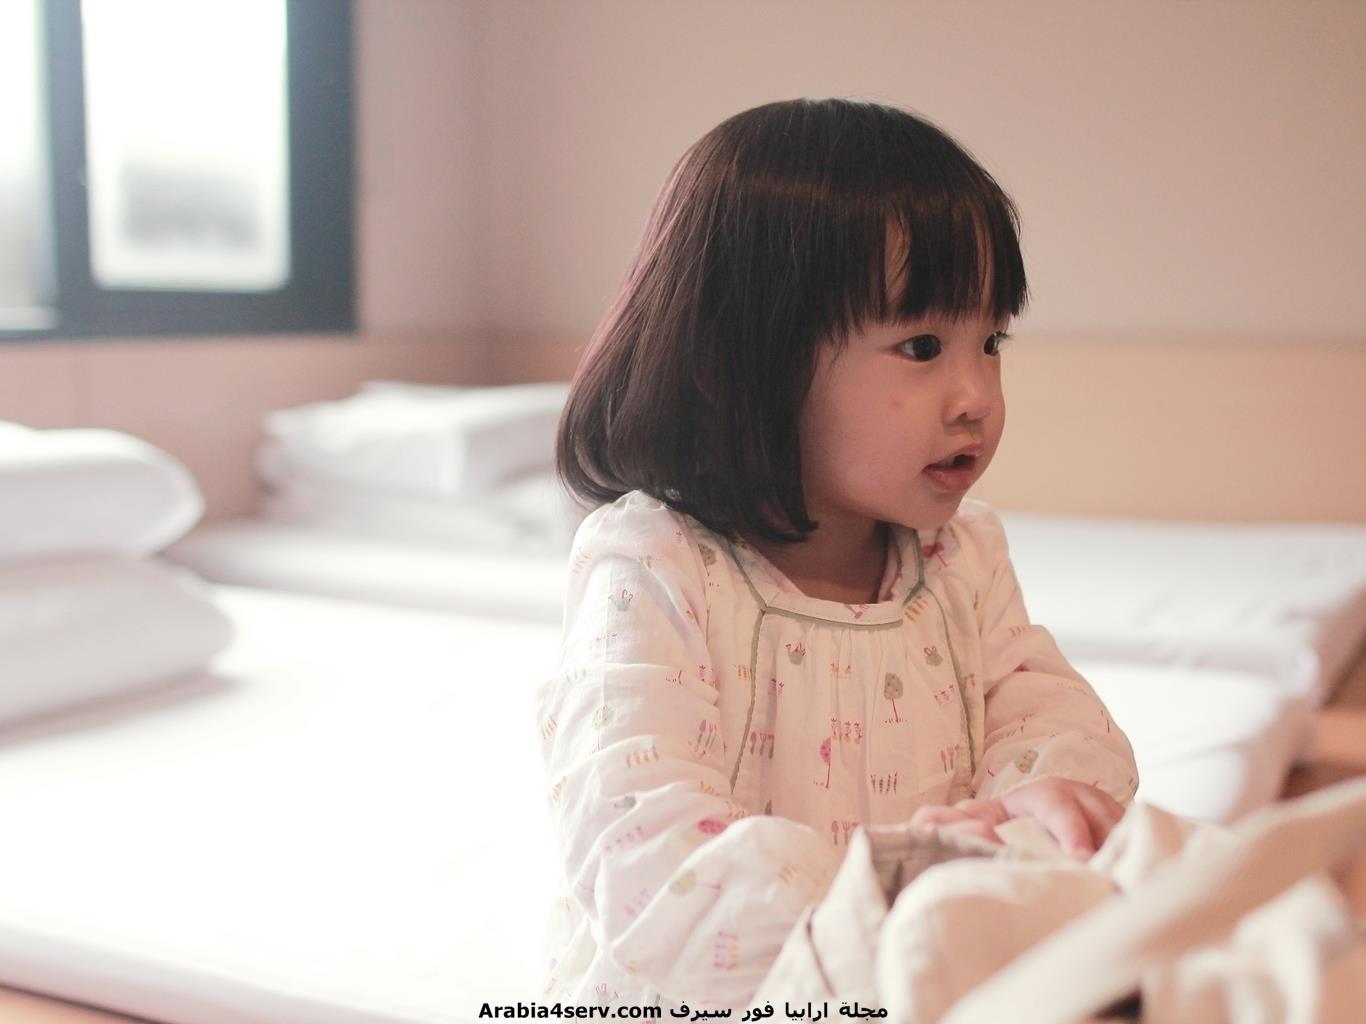 صور-اطفال-يابانيين-4